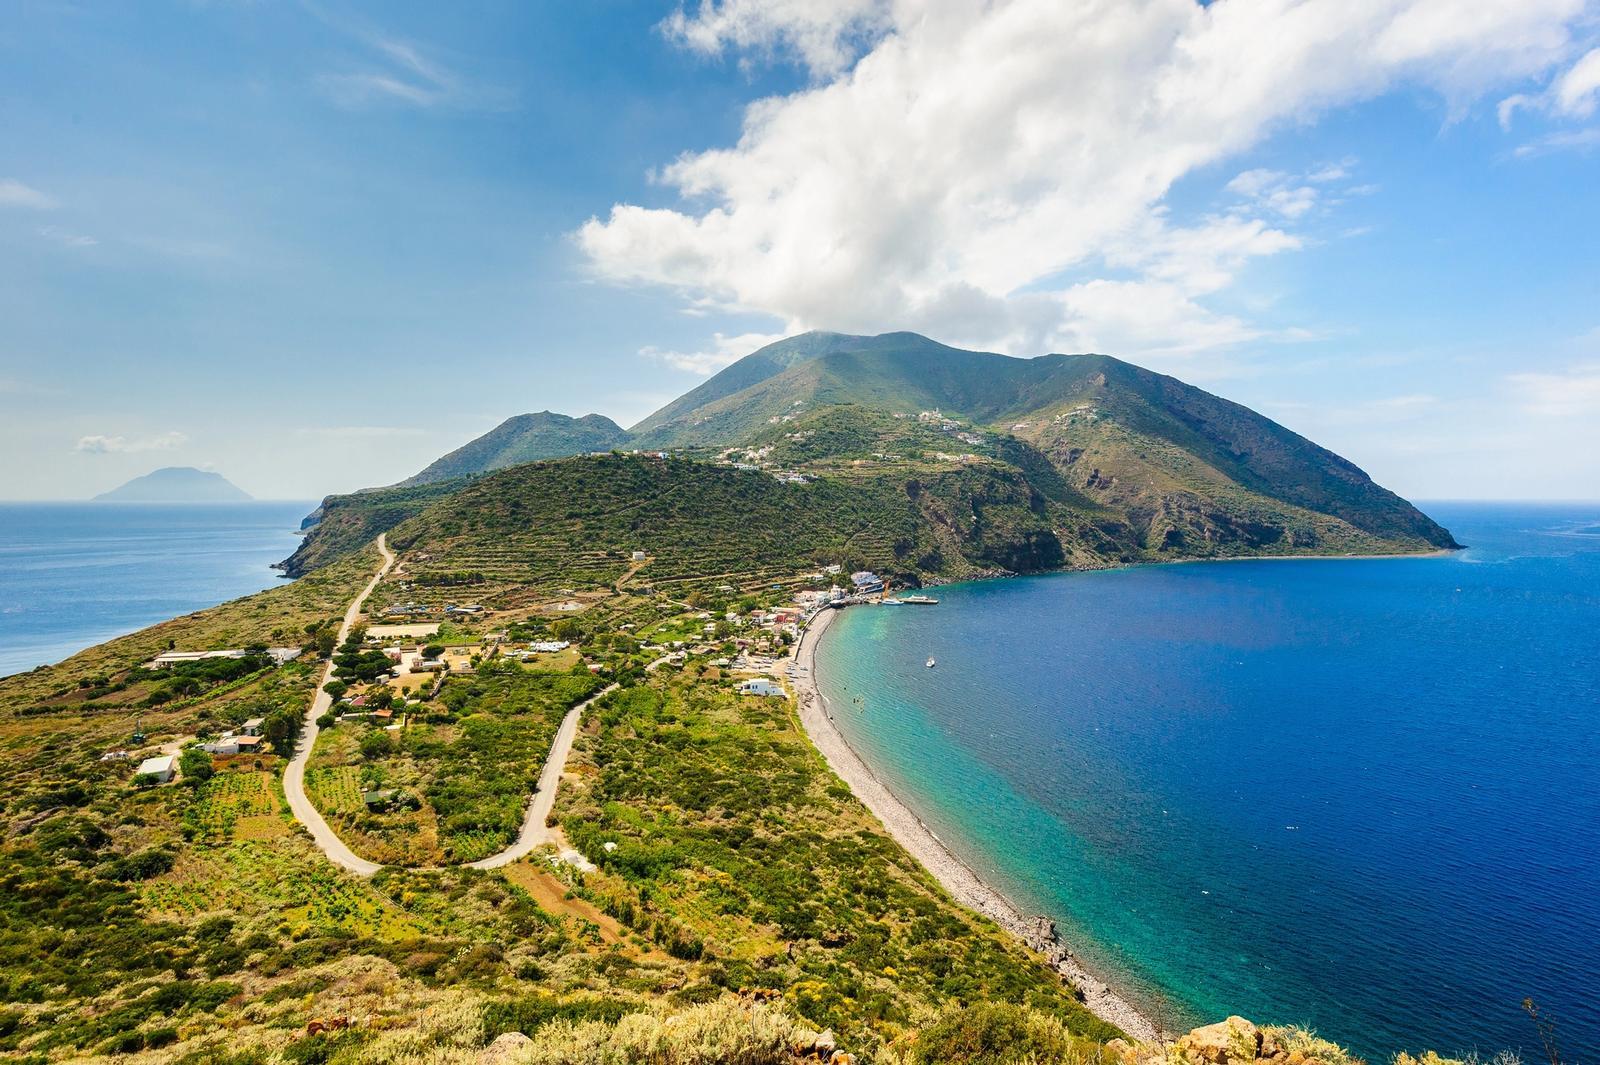 Vista panoramica sul mare delle isole Eolie in Sicilia